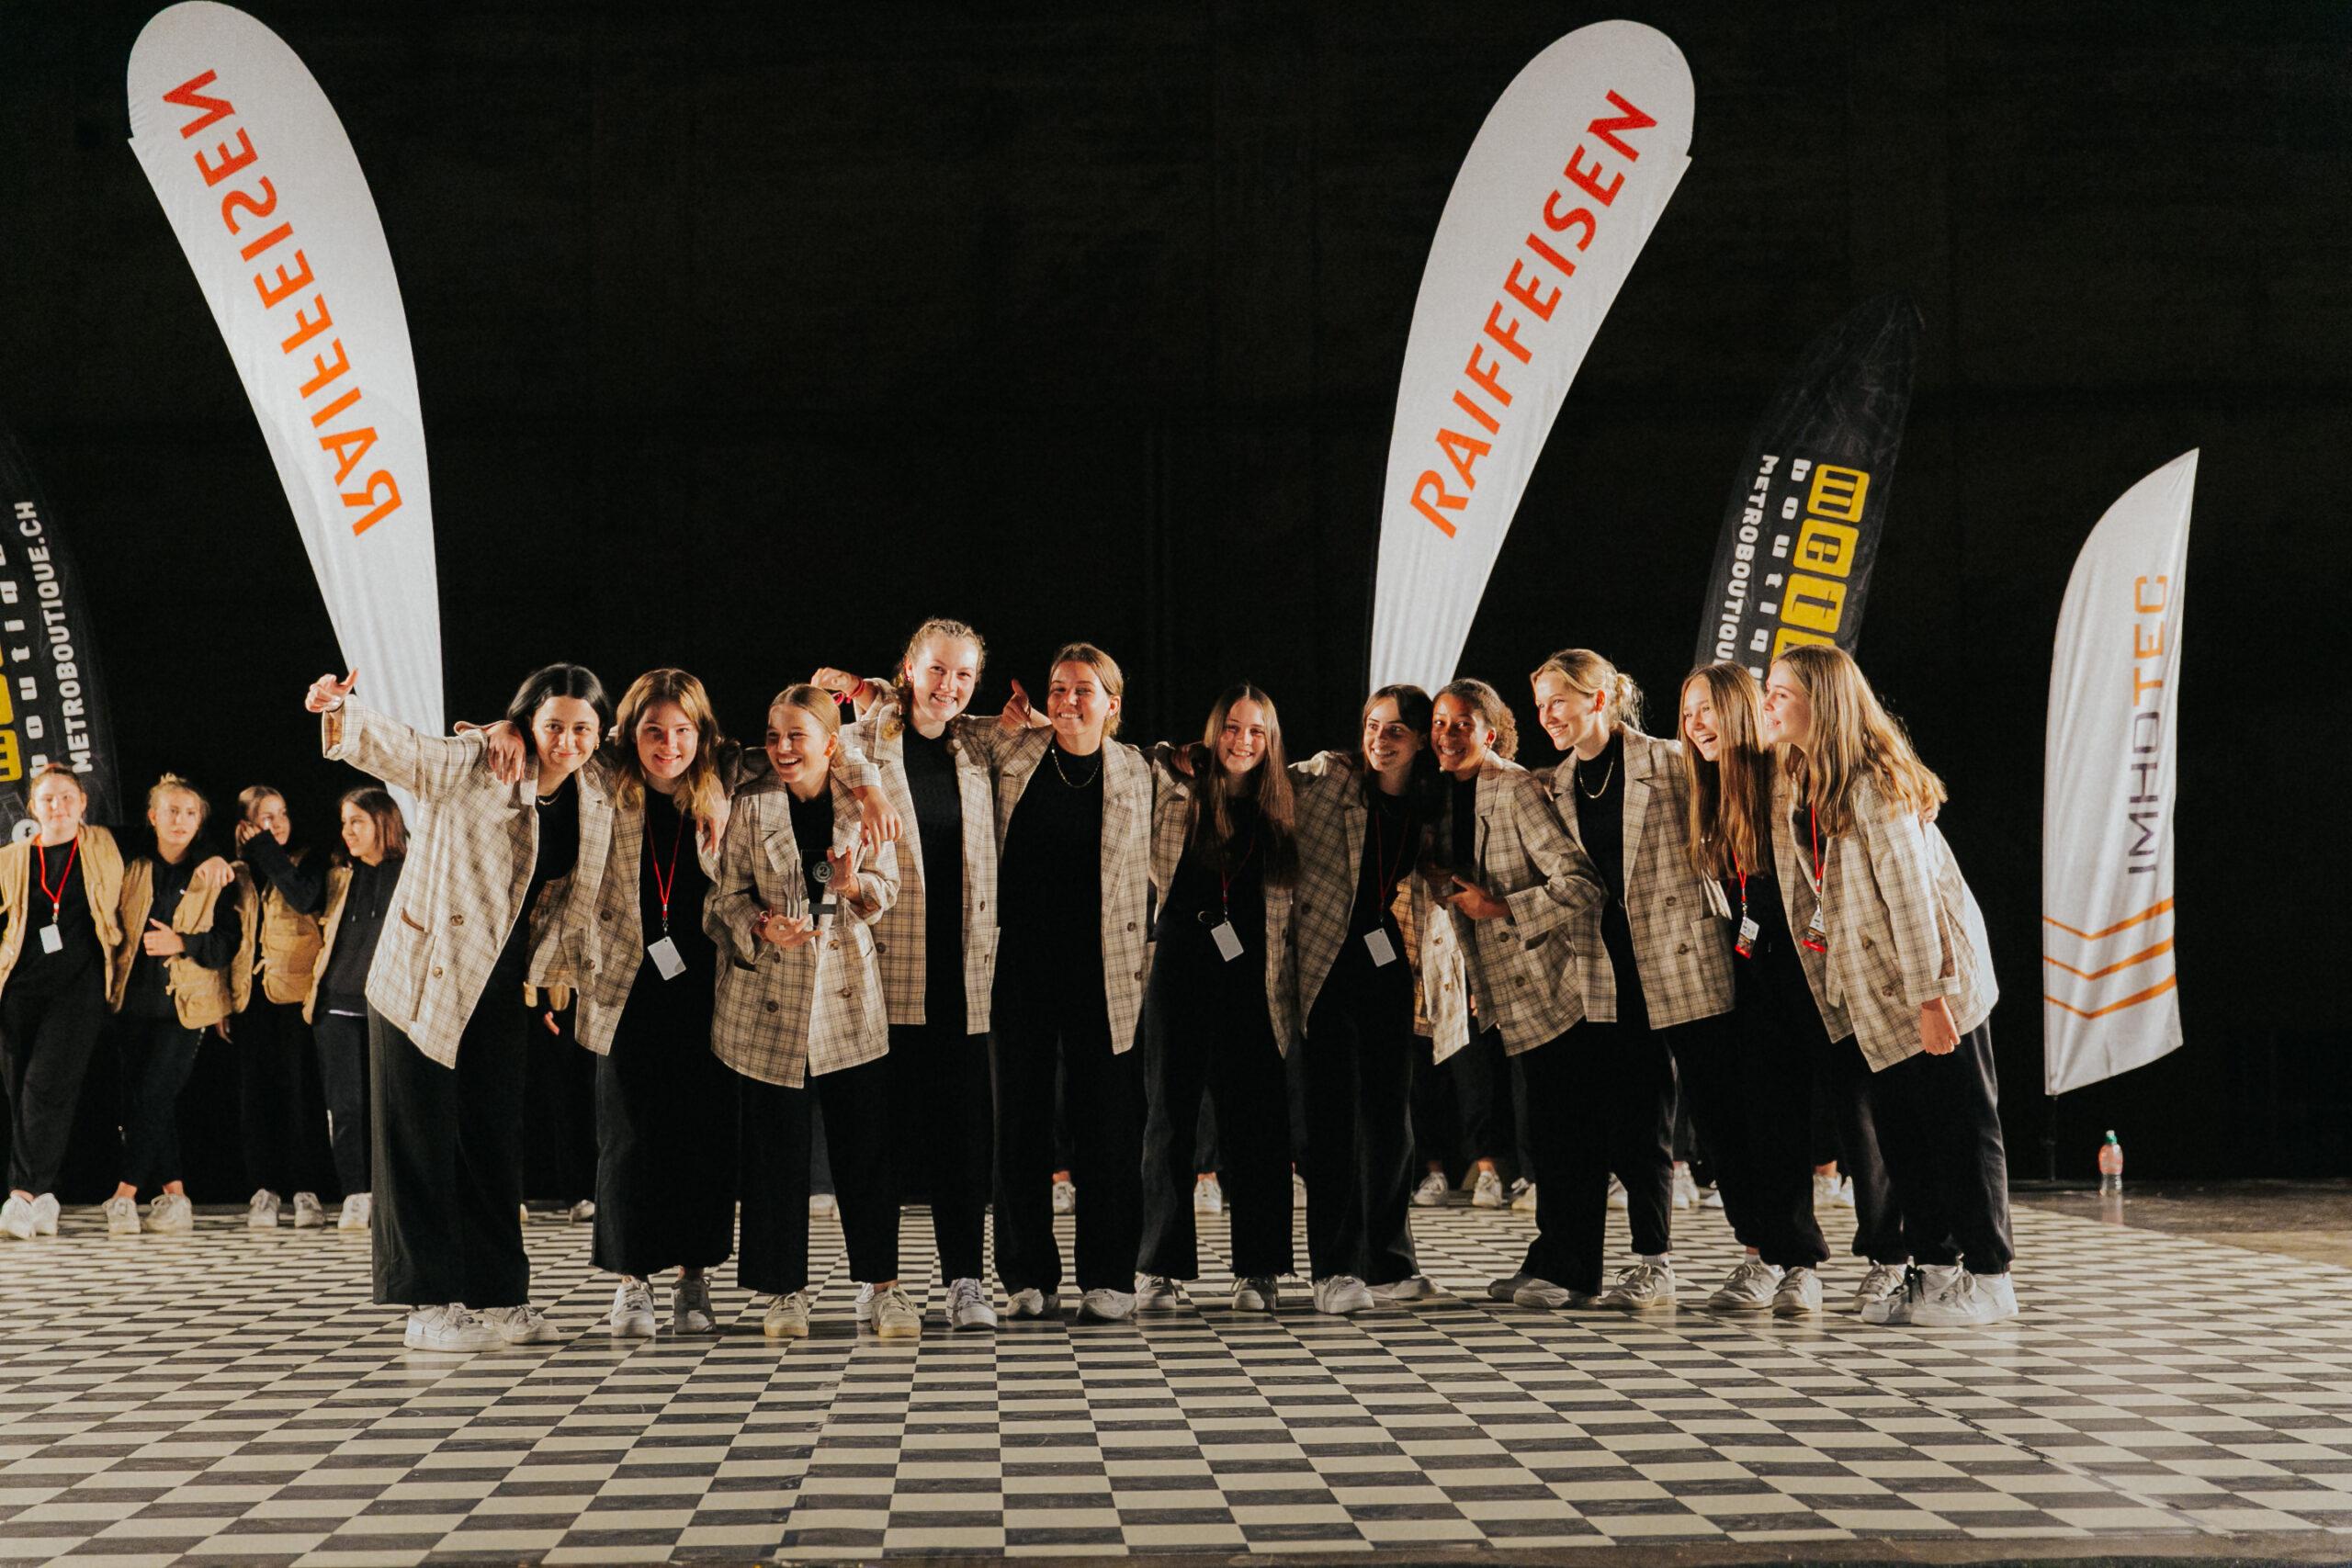 Solothurner Tanztage Sponsoring